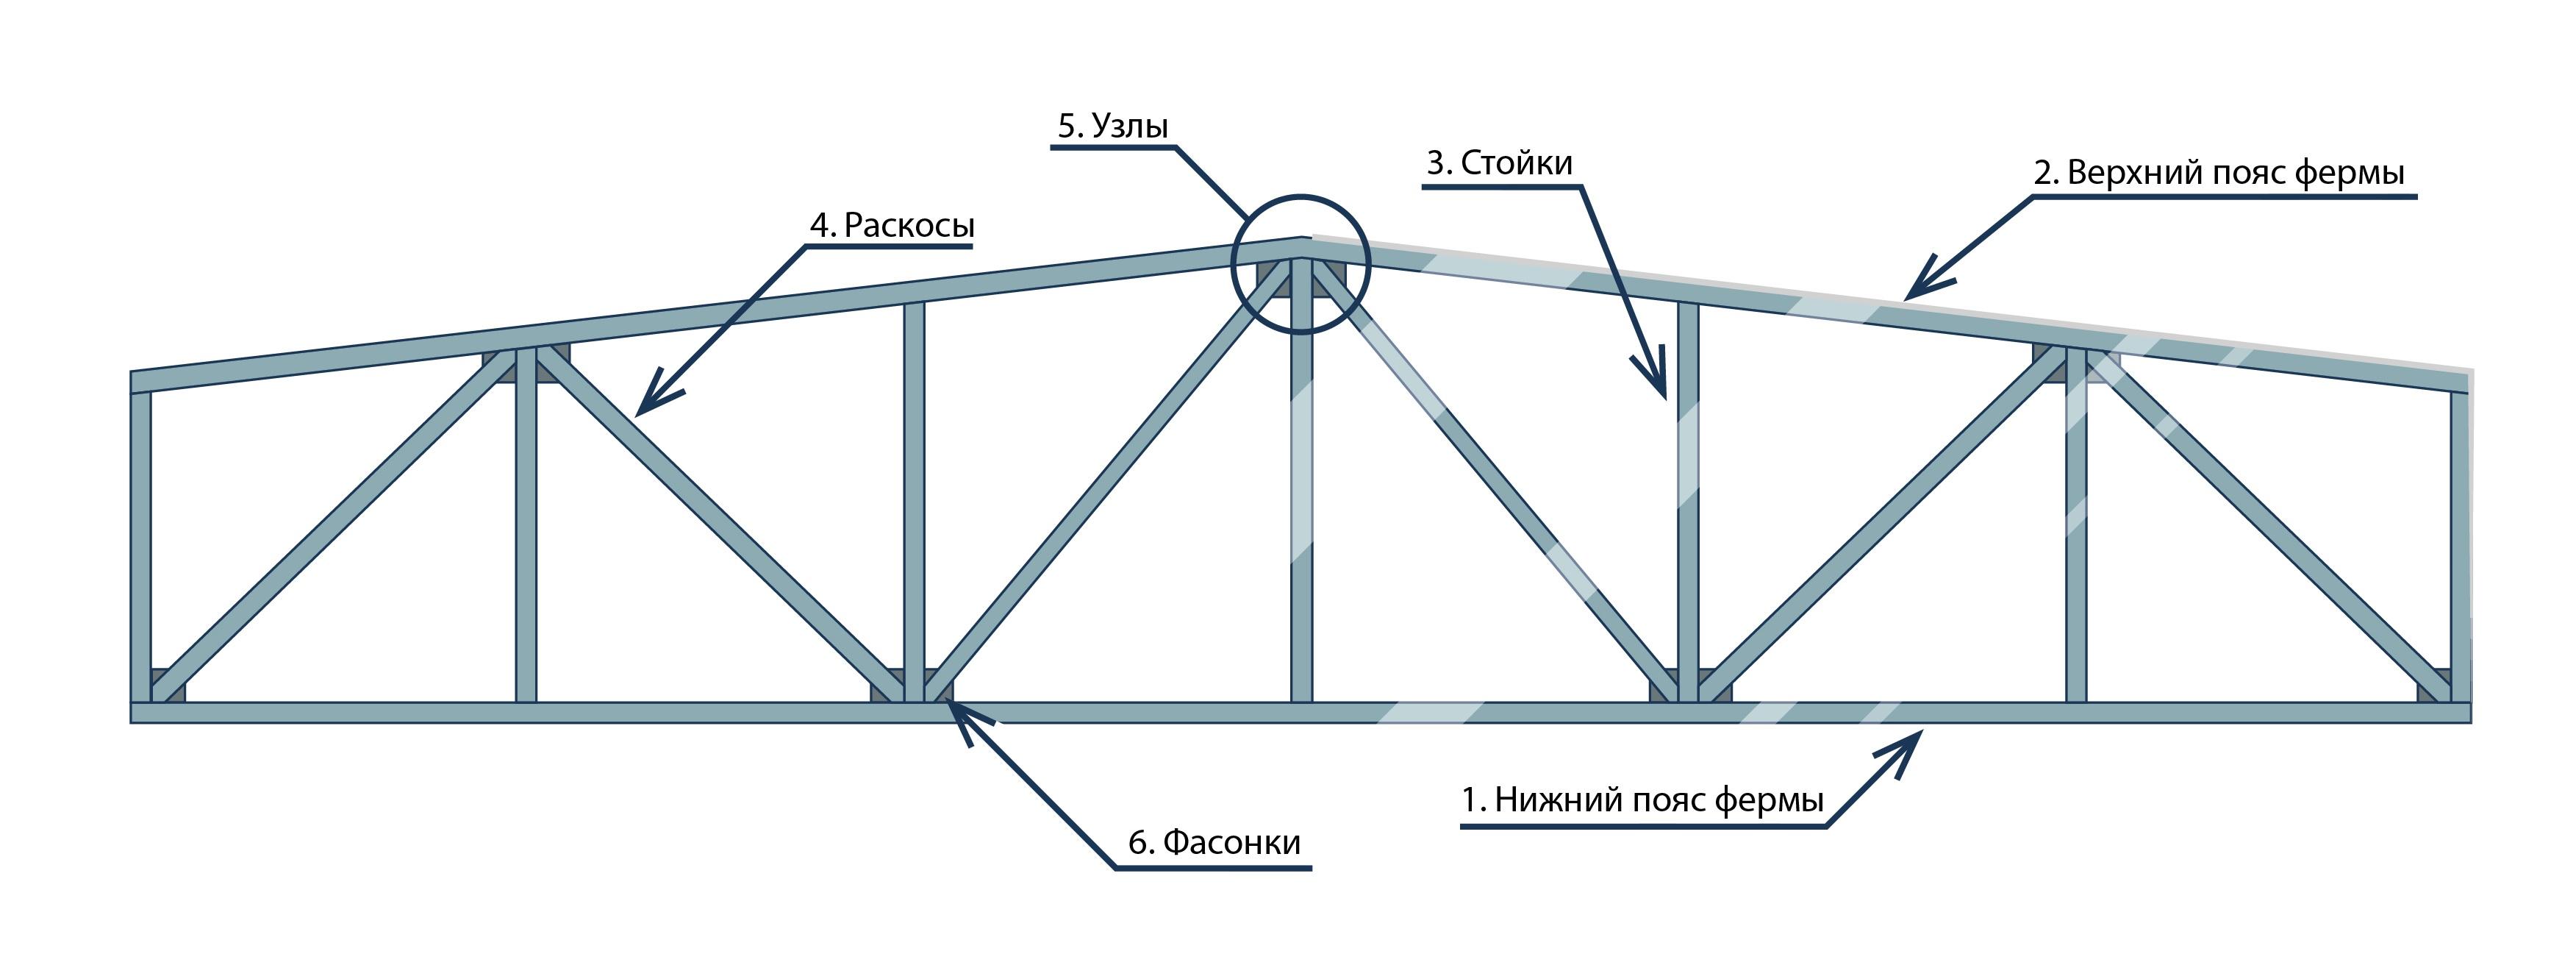 Схема конструкции фермы